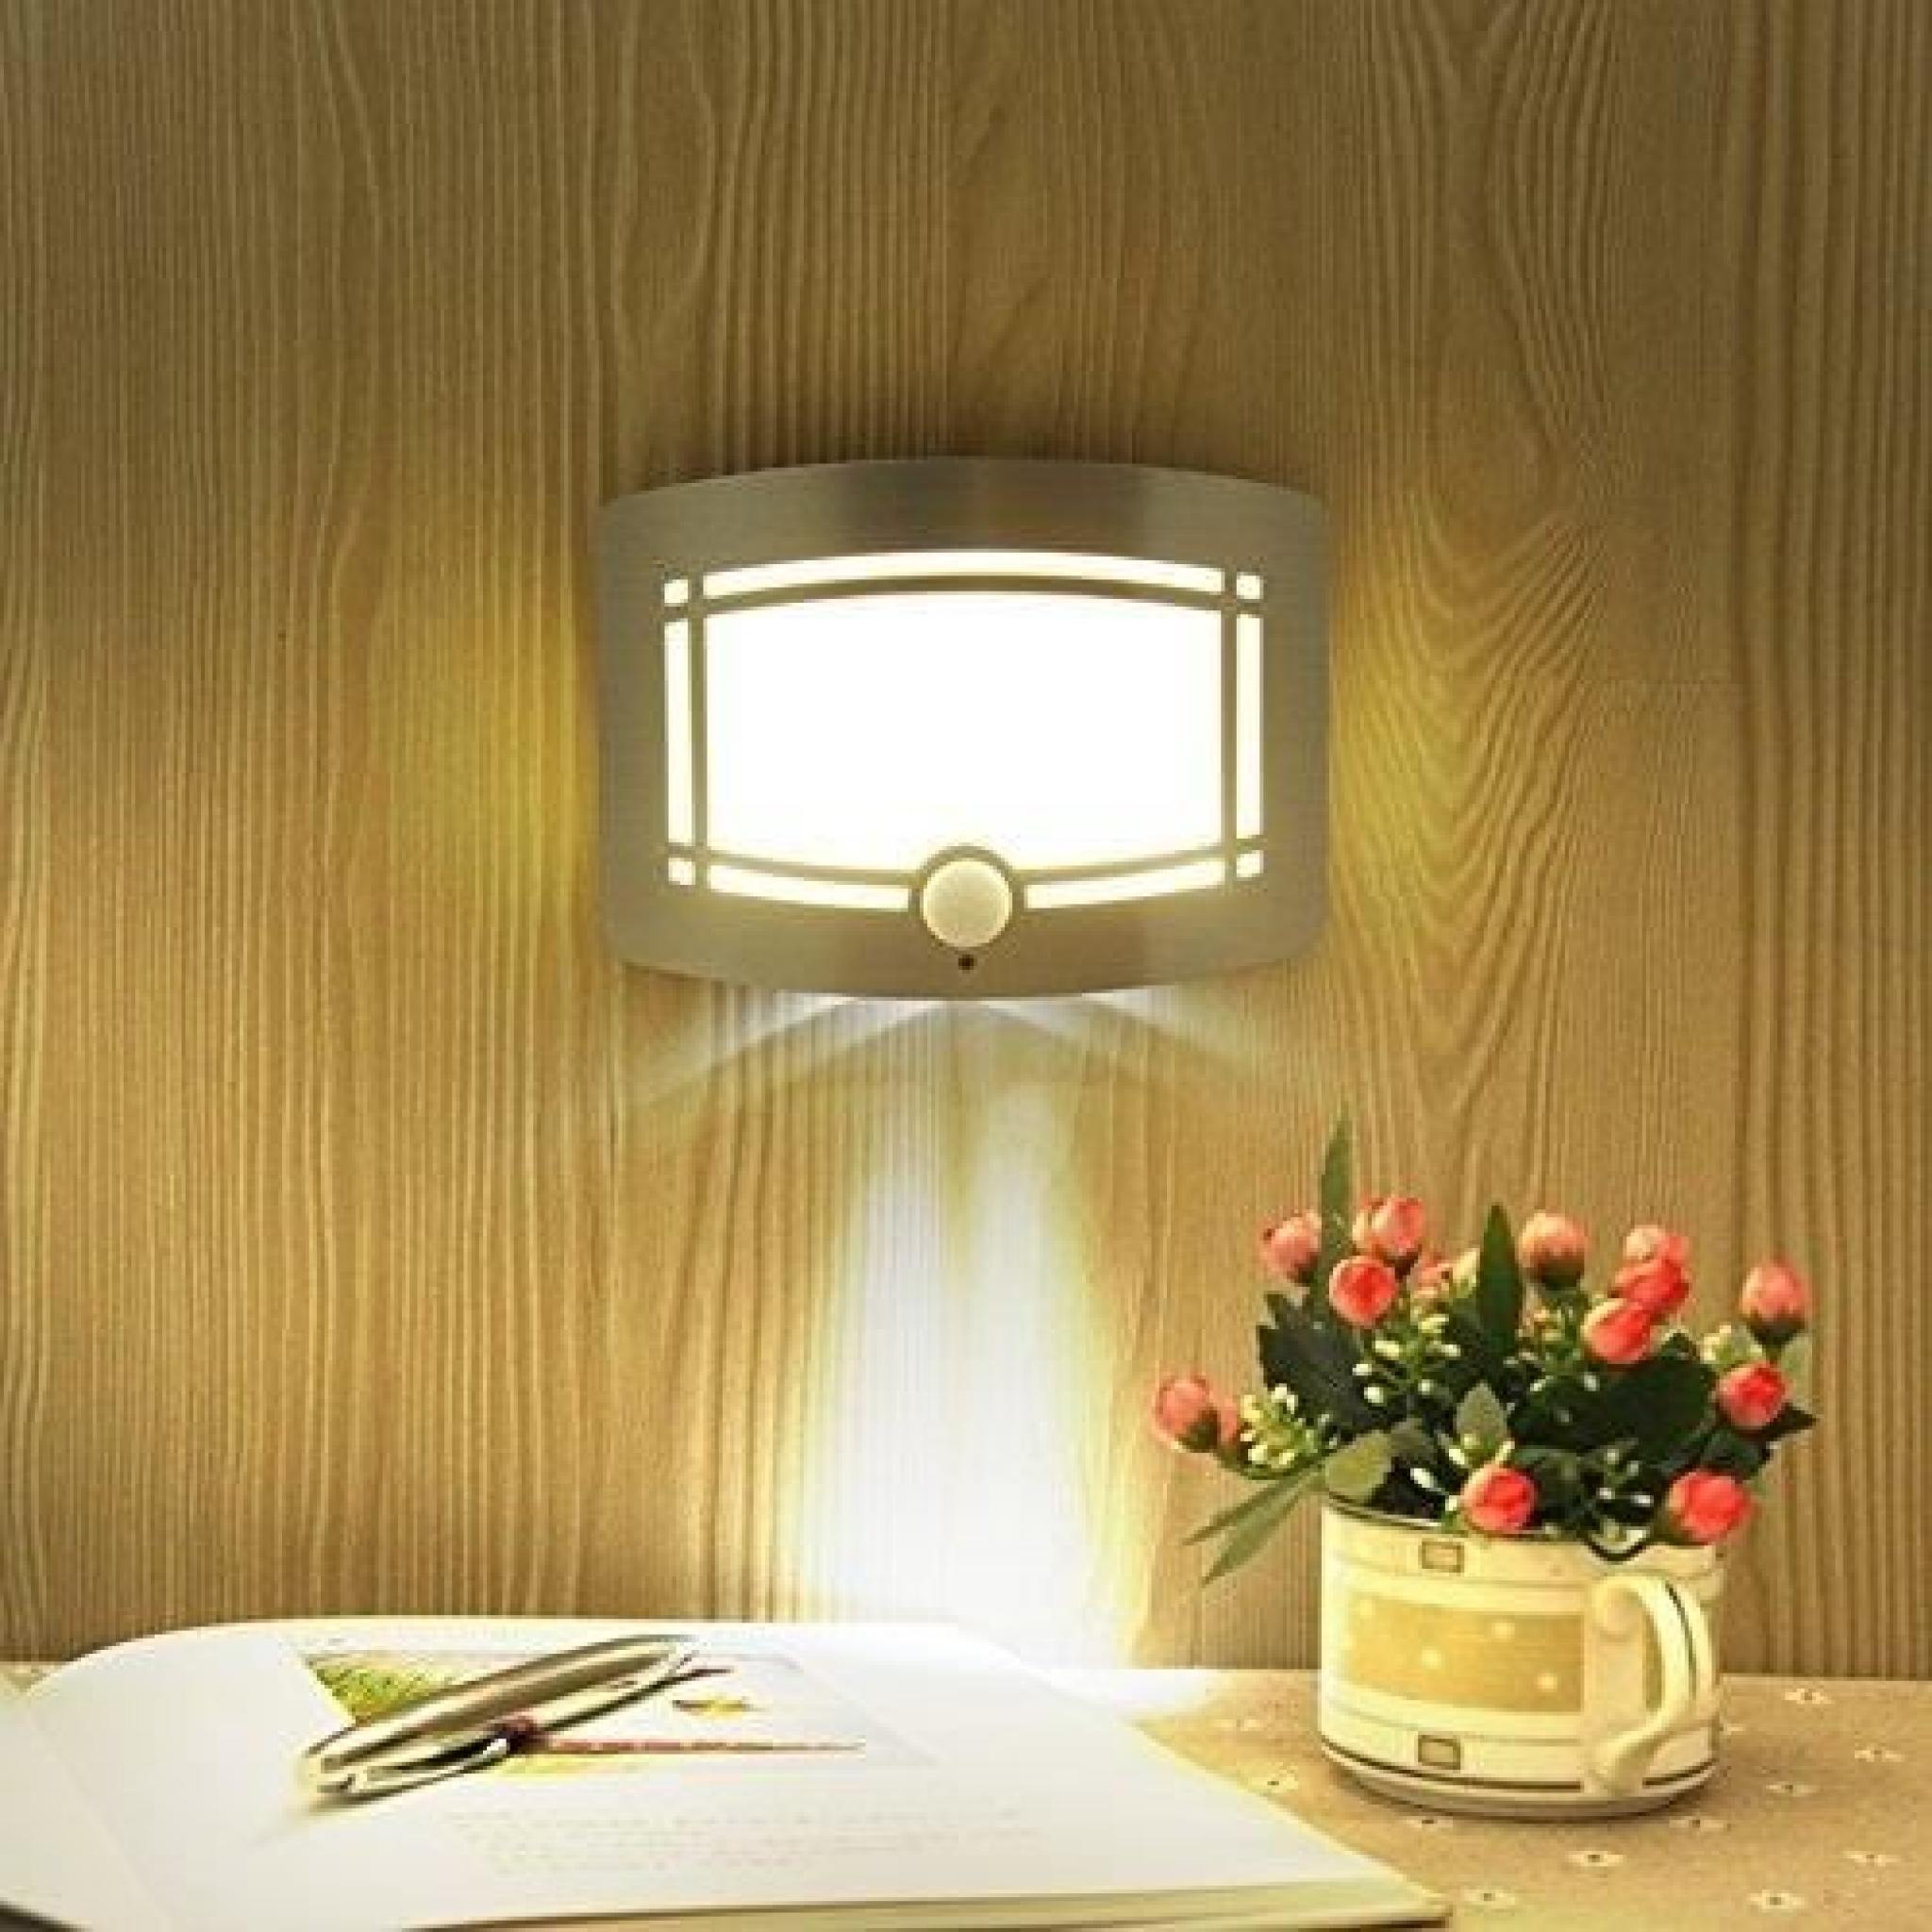 Tableau Deco Salon Moderne :  Salon ,Cuisine ,Couloir,Lumière en 3 modèle ,Aluminum,300G pas cher